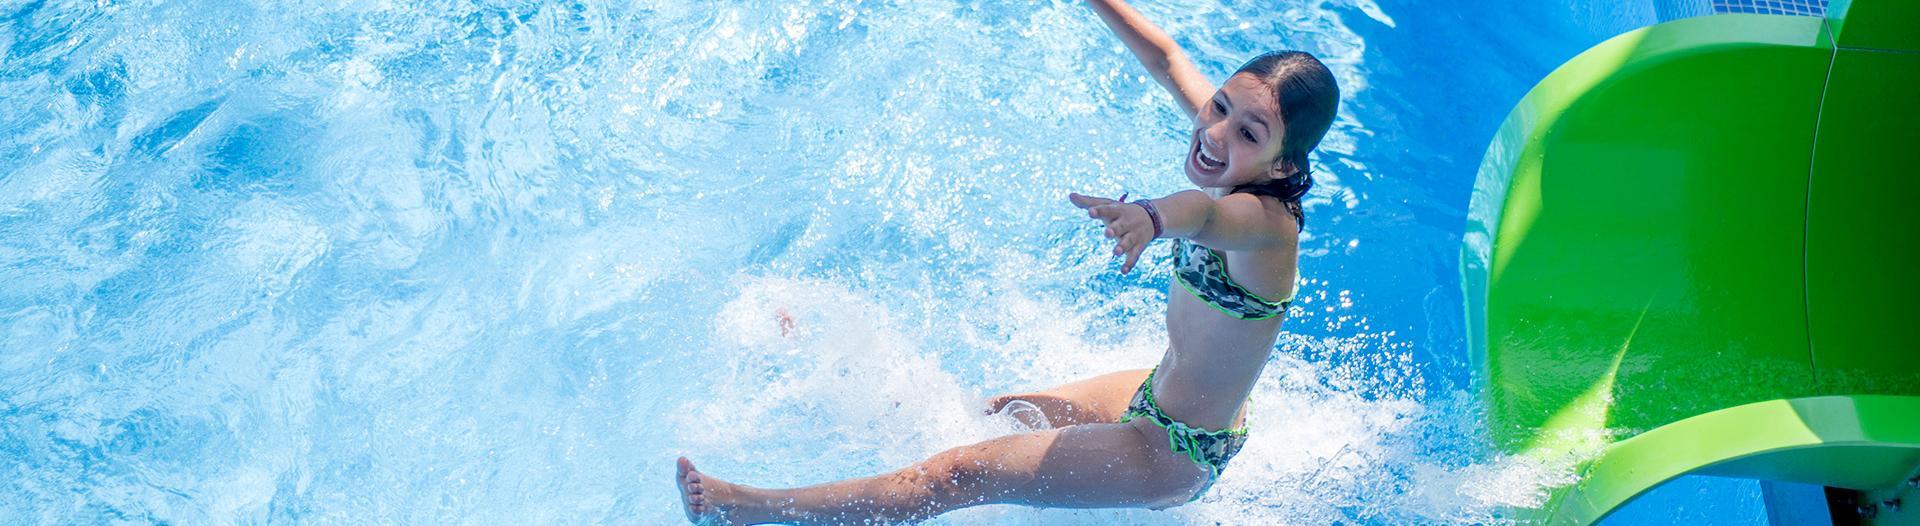 slider-camping-enmar-piscines-05